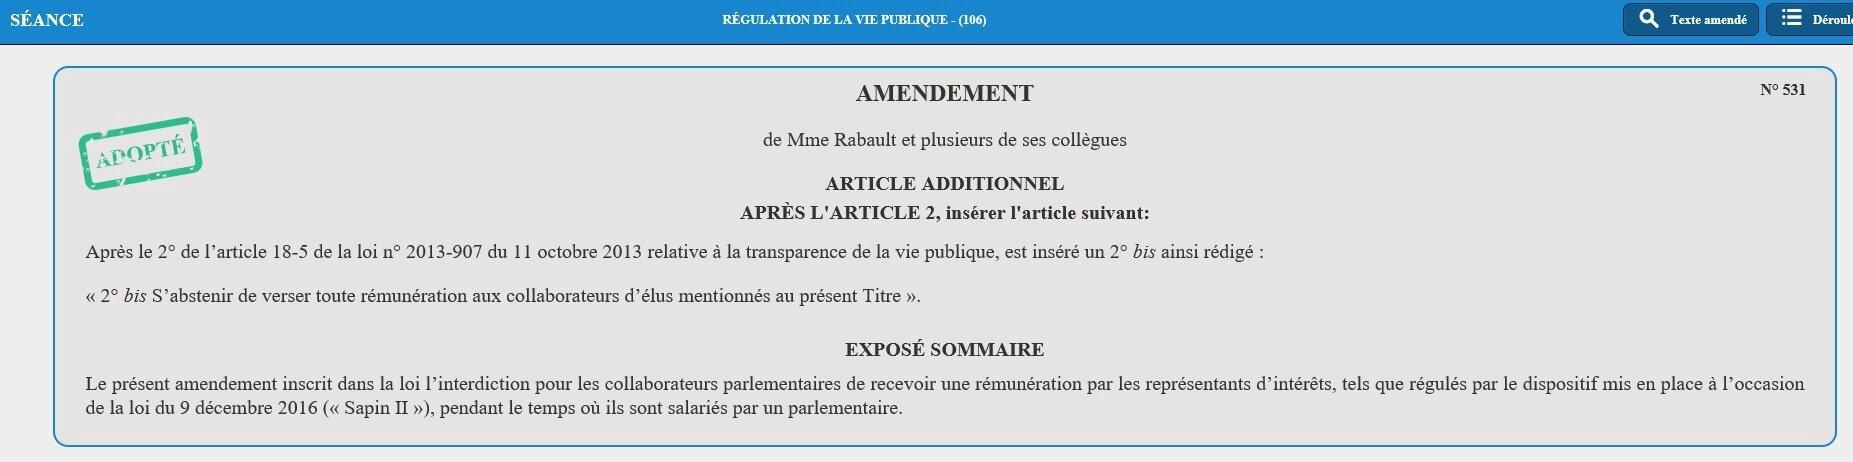 20170725-paris-an-seance-moralisation-amendement-531-vote